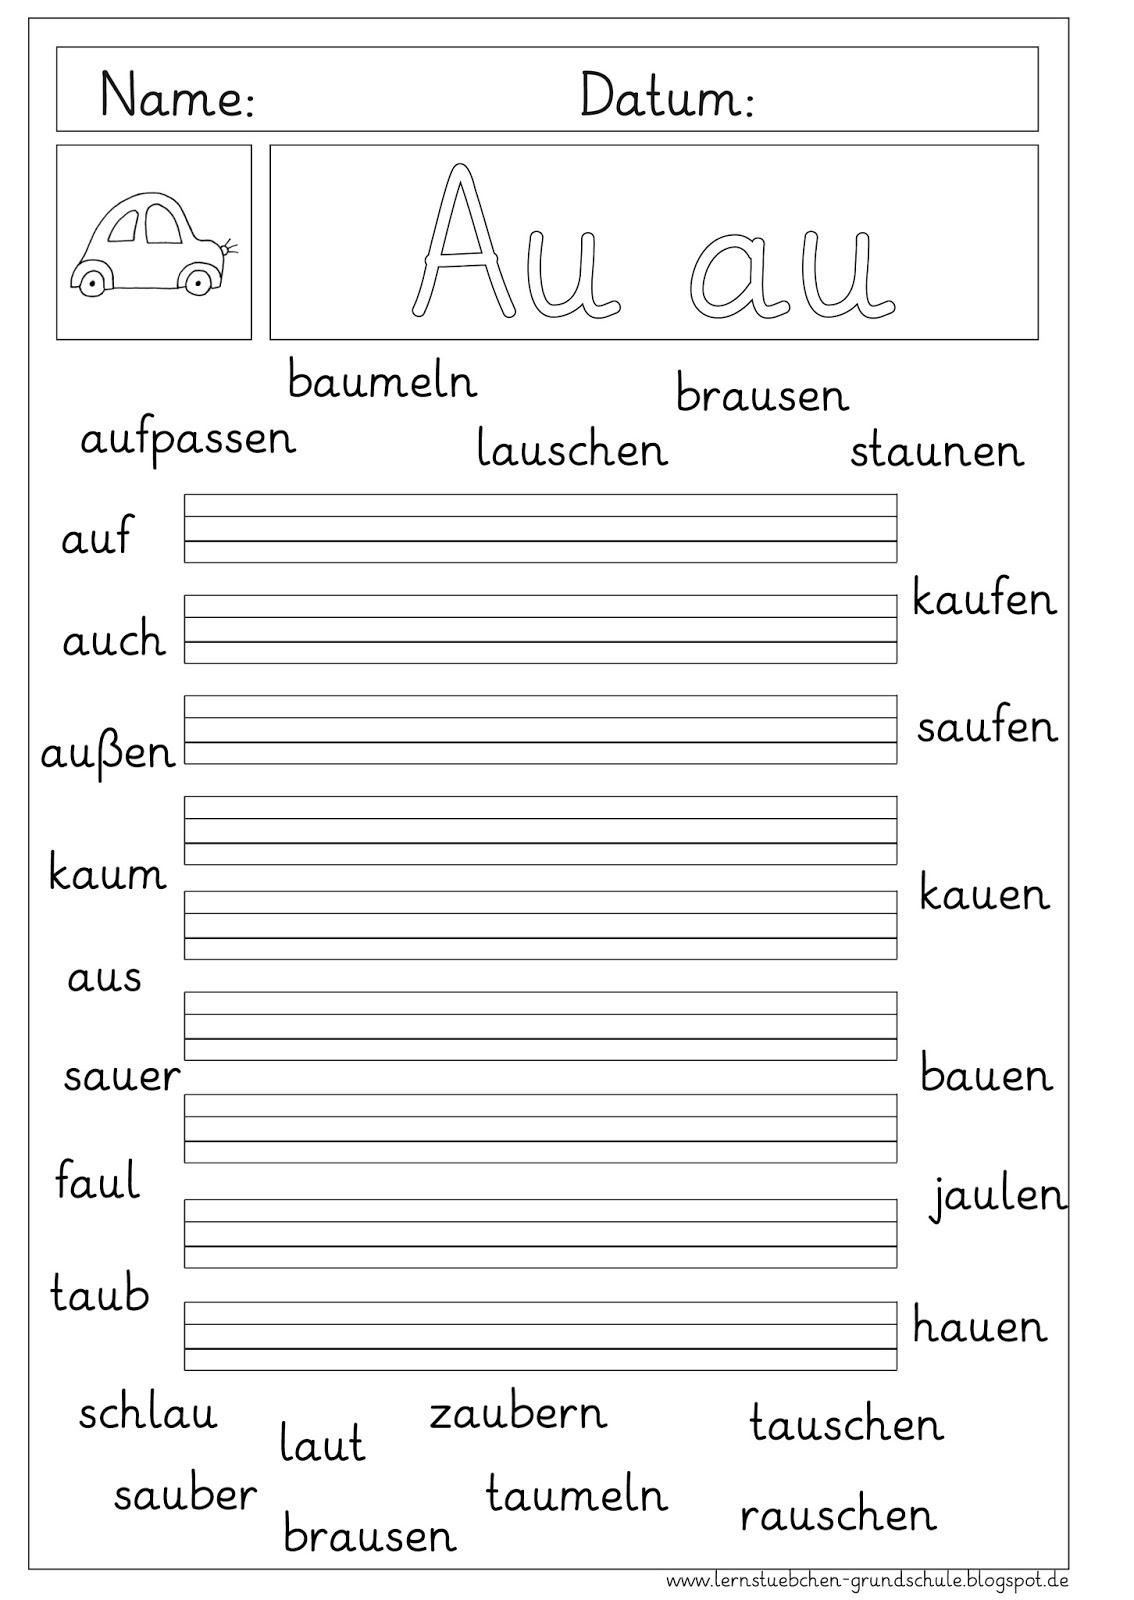 Buchstabe äu Arbeitsblätter : Lernstübchen Übungsblätter zum au